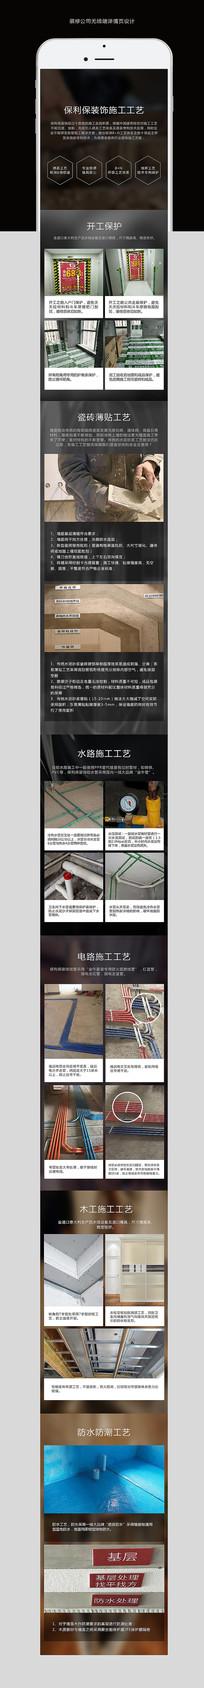 装修公司施工工艺手机端设计 PSD